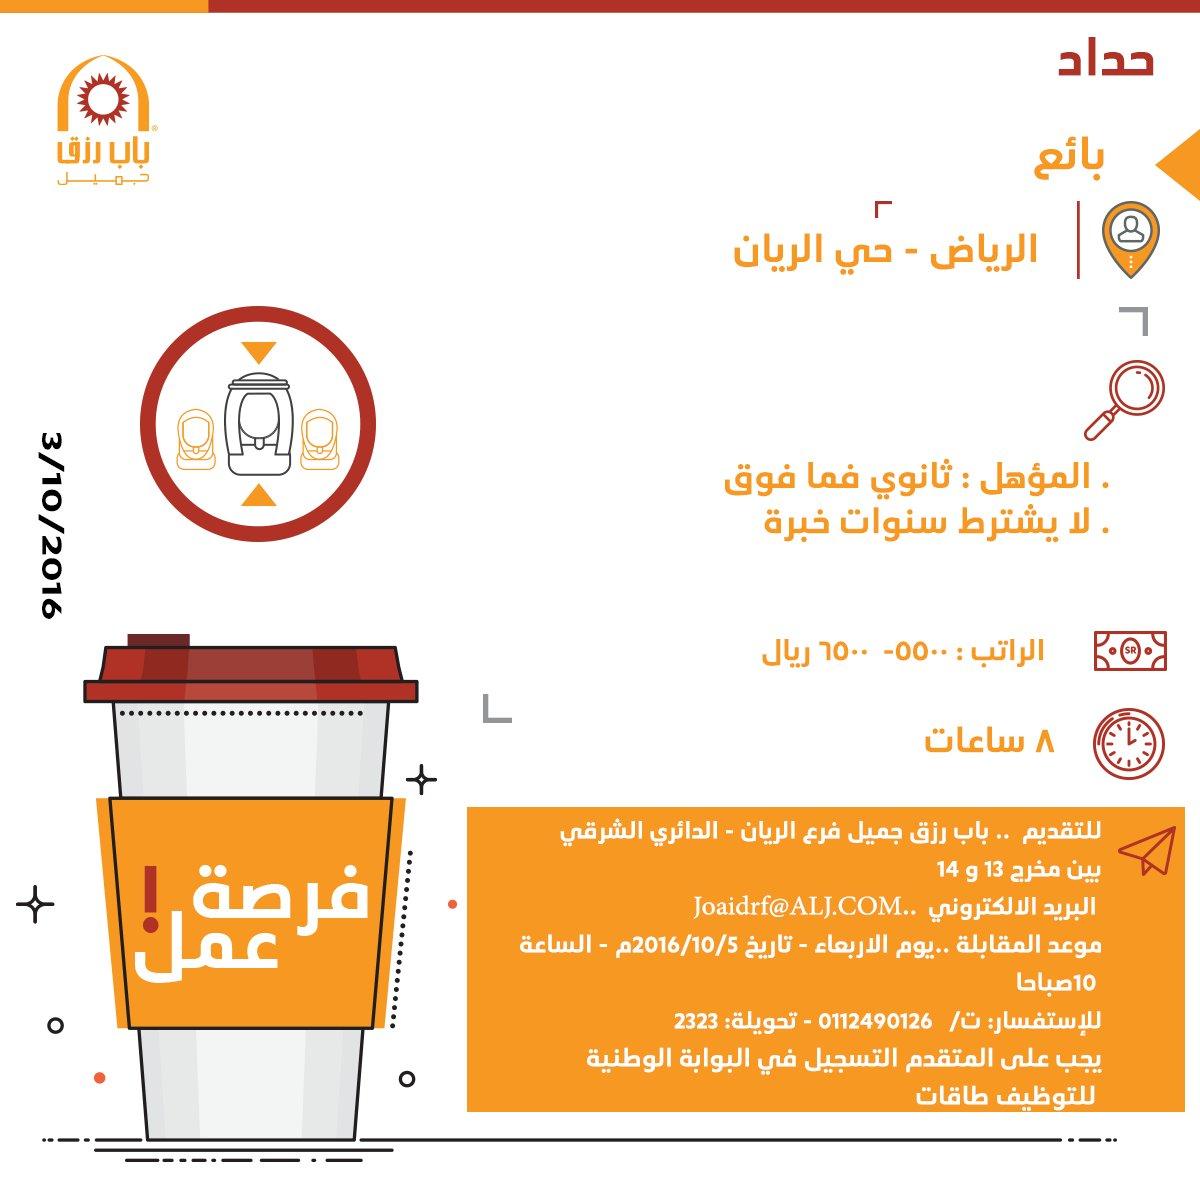 غدا الأربعاء التقديم على وظيفة بائع في شركة الحداد - الرياض